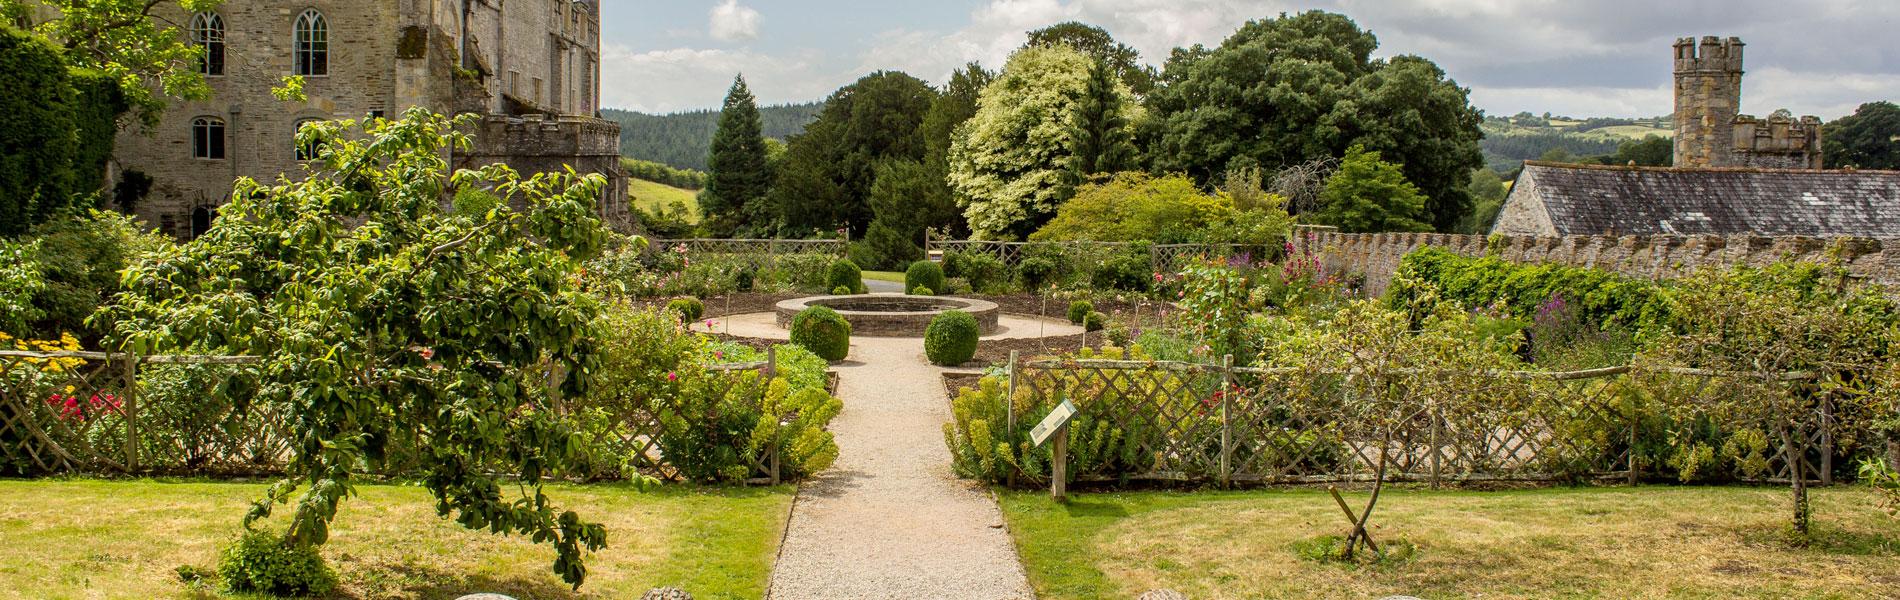 Il giardino all 39 inglese la natura e il romanticismo - Giardino in inglese ...